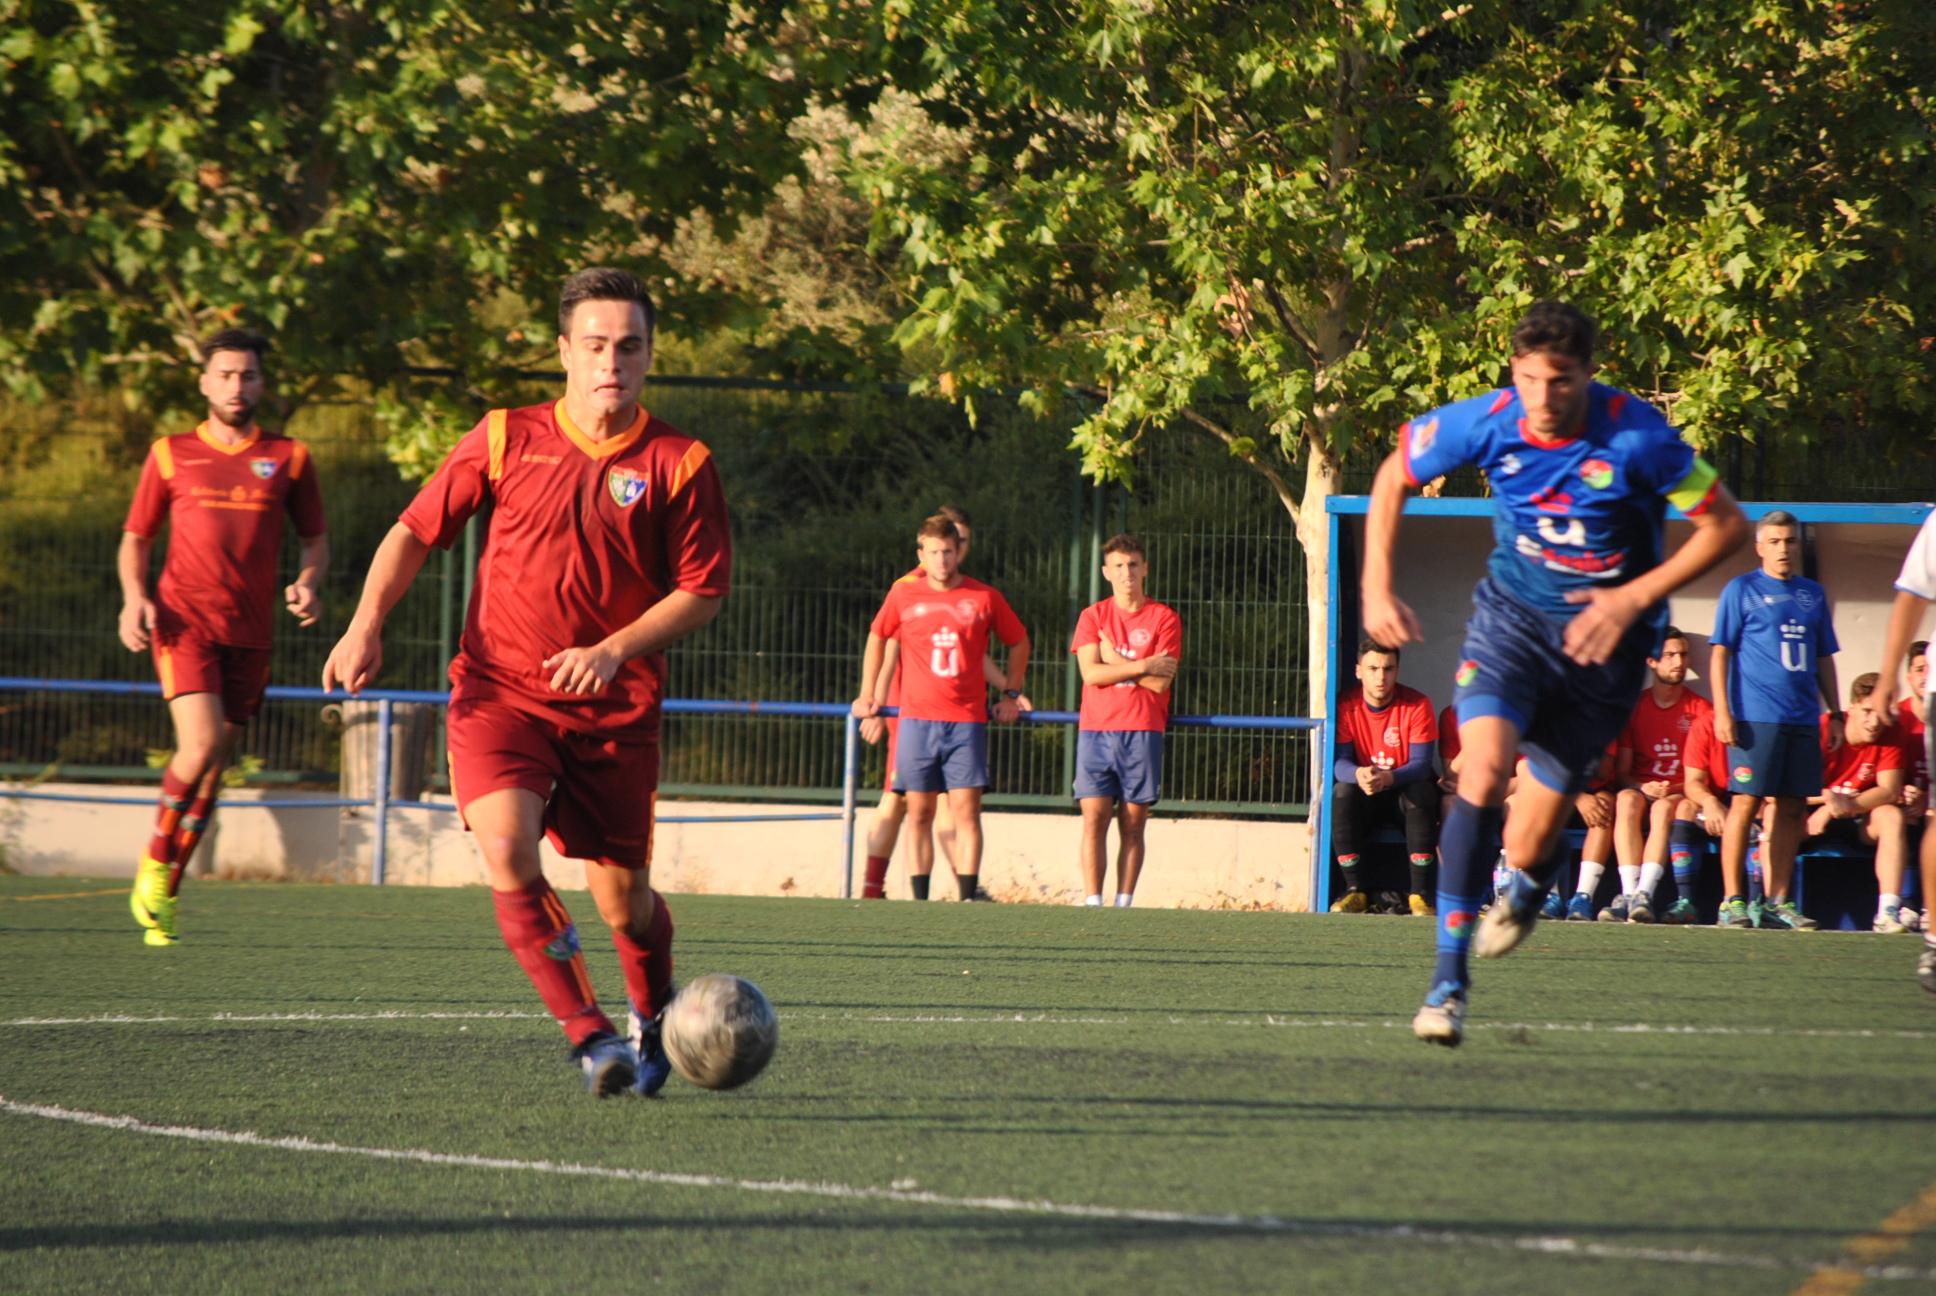 La solidez defensiva facilita la victoria del Aficionado B ante el Móstoles URJC